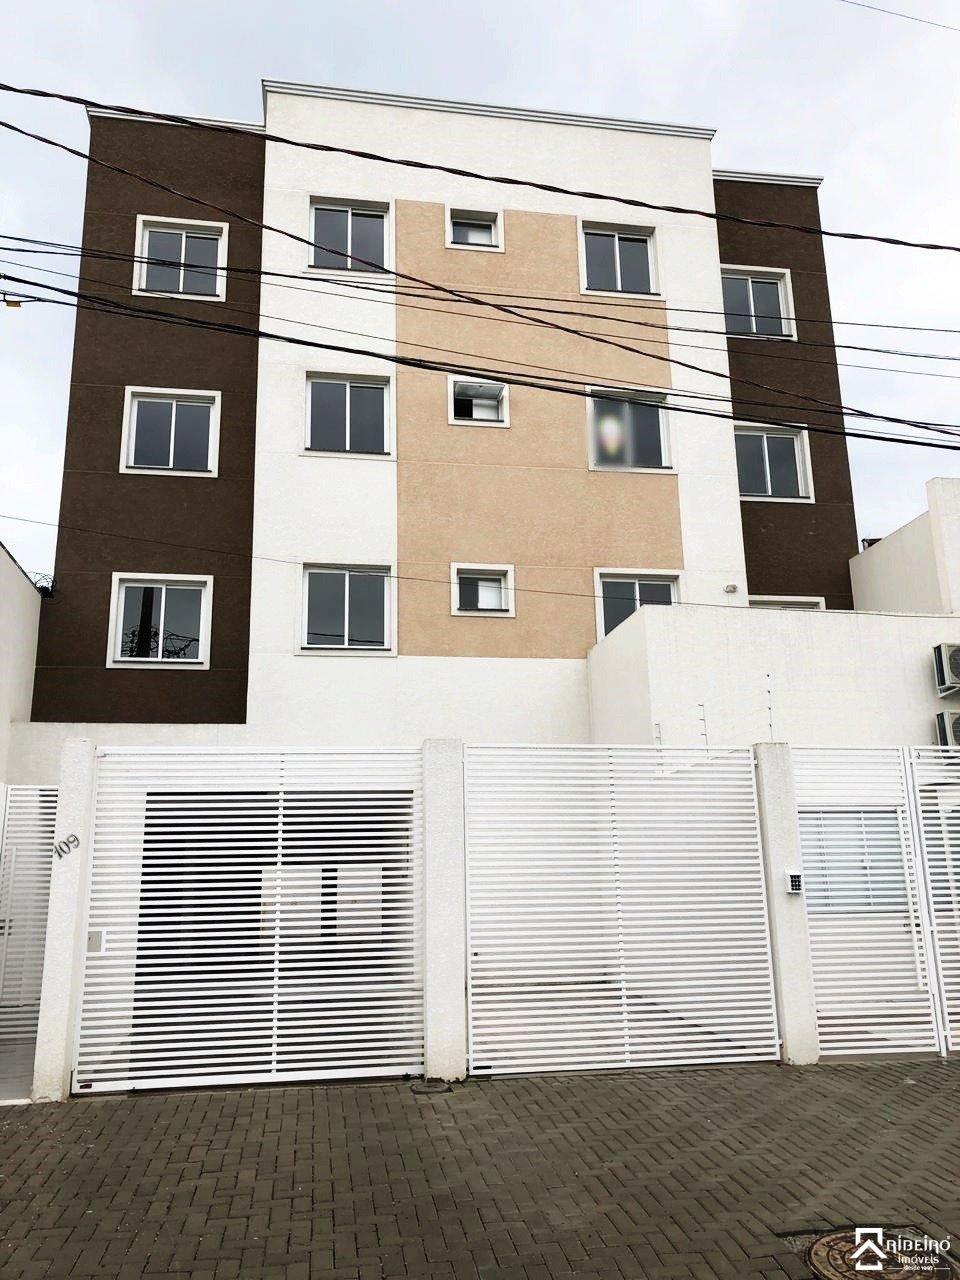 REF. 8138 -  São José Dos Pinhais - Rua Colorado, 109 - Apto 204